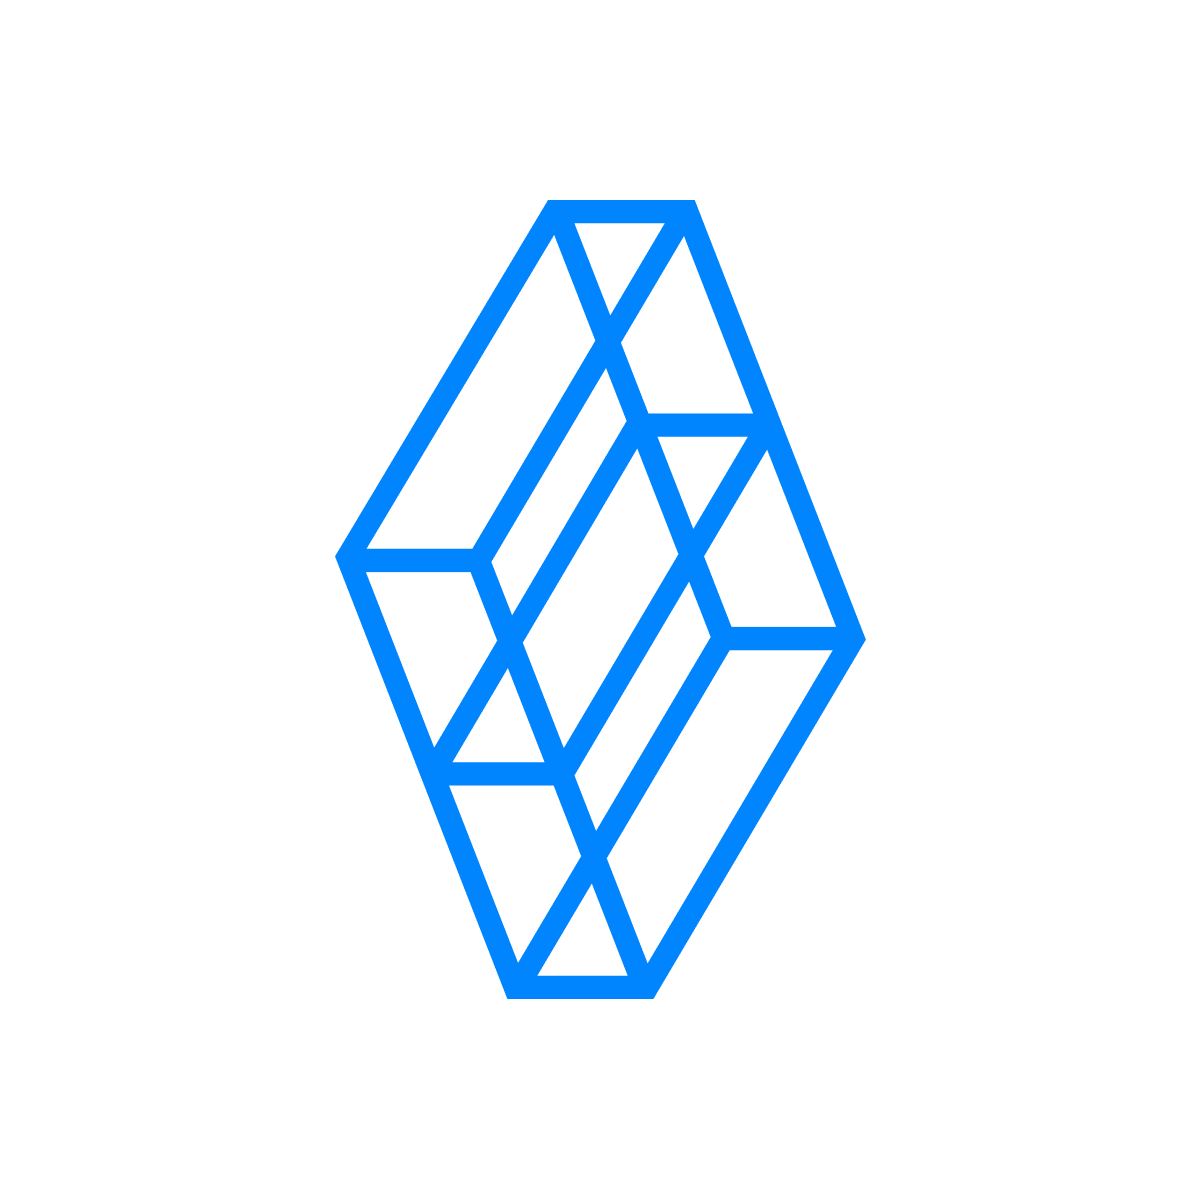 Sling logo